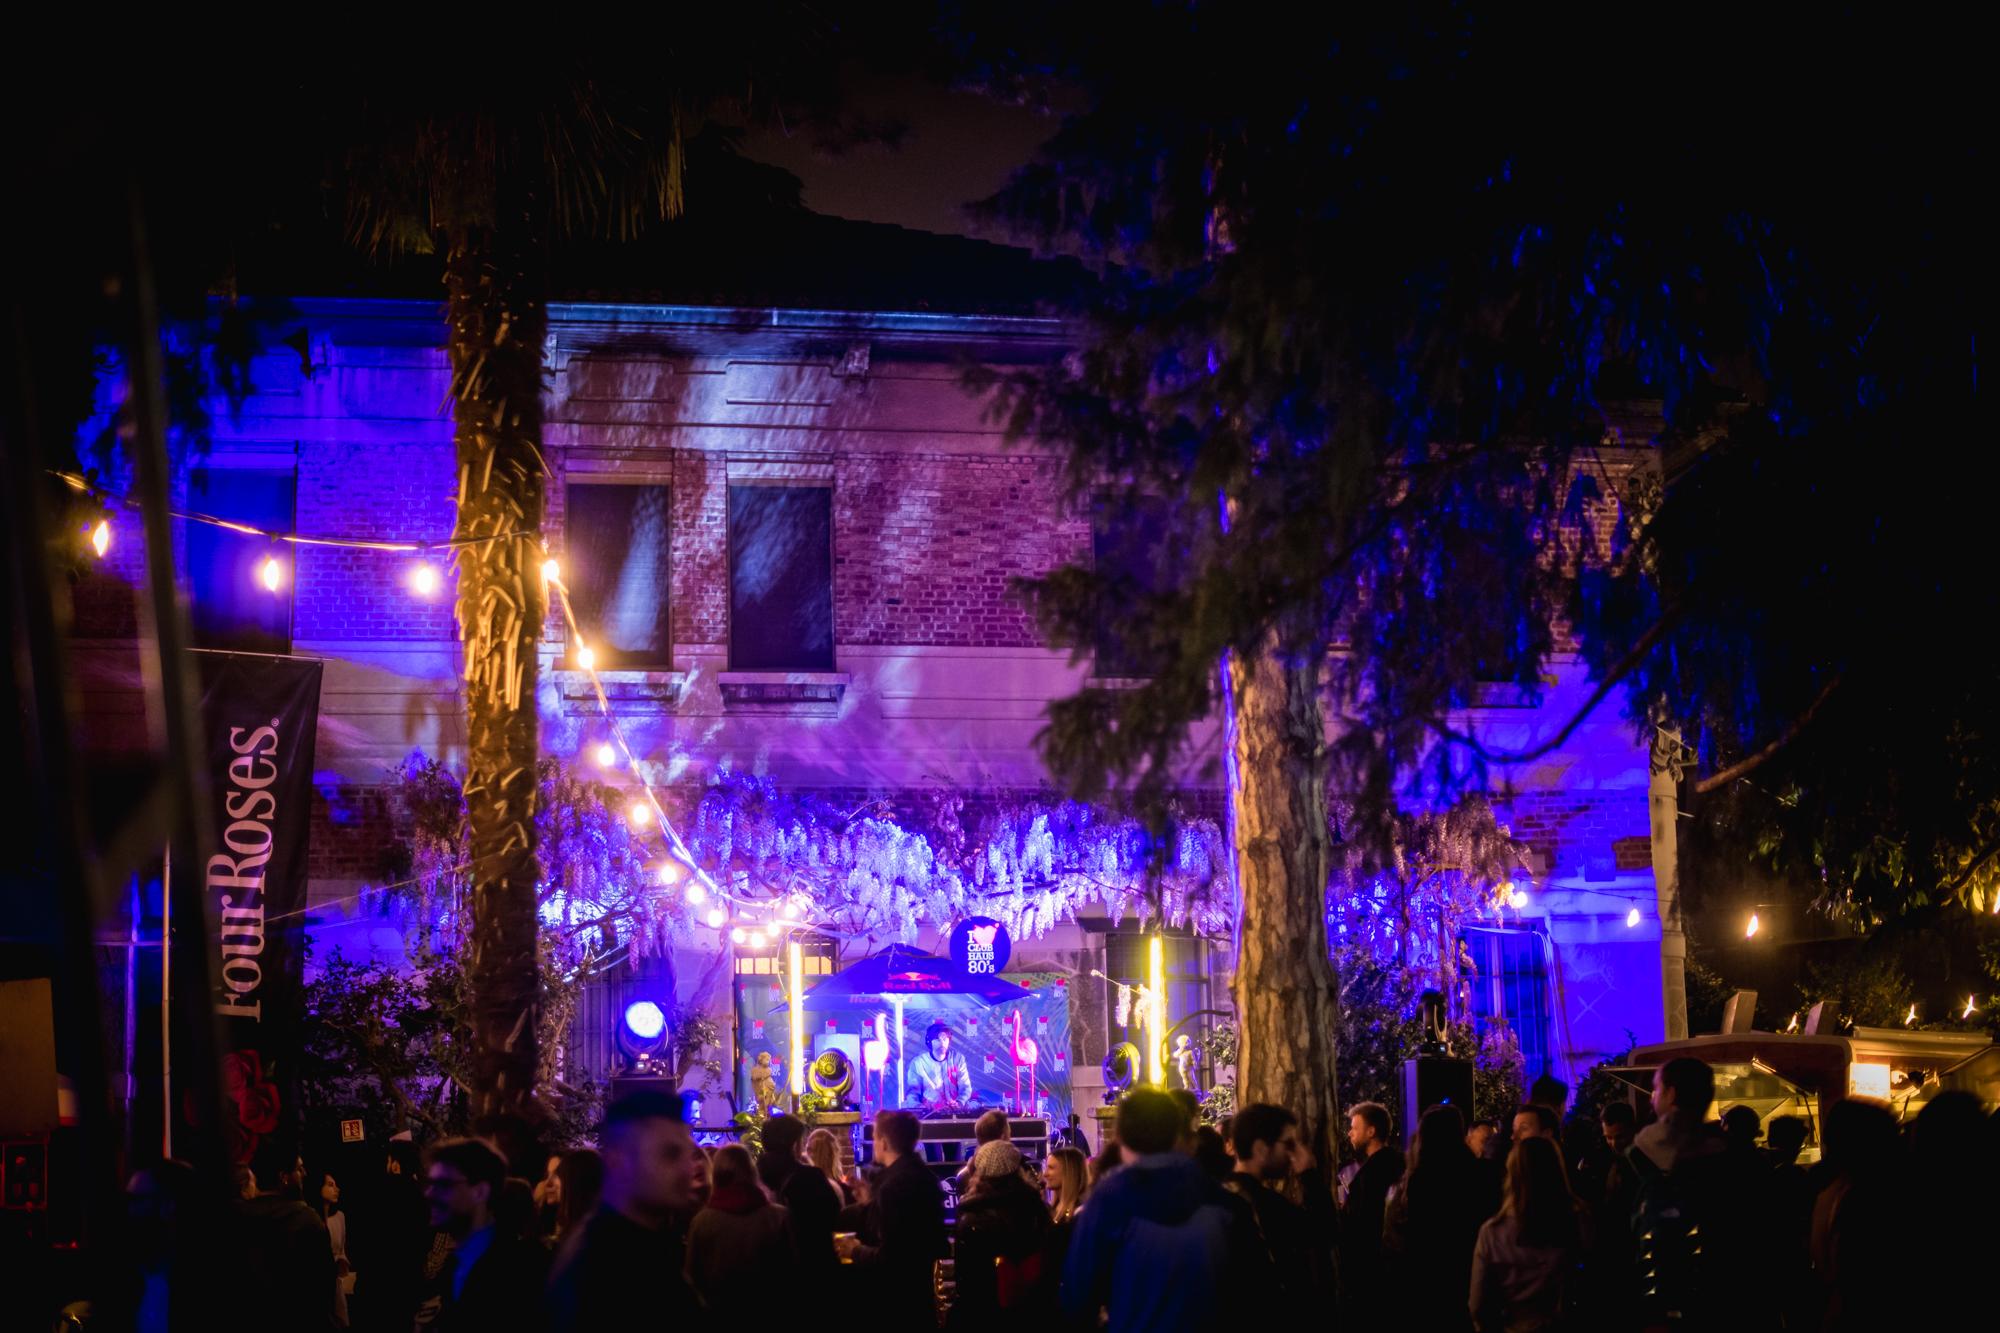 Club Haus 80's Giardino Segreto Lambrate • Design Week | YOUparti ventura milan design week mdw